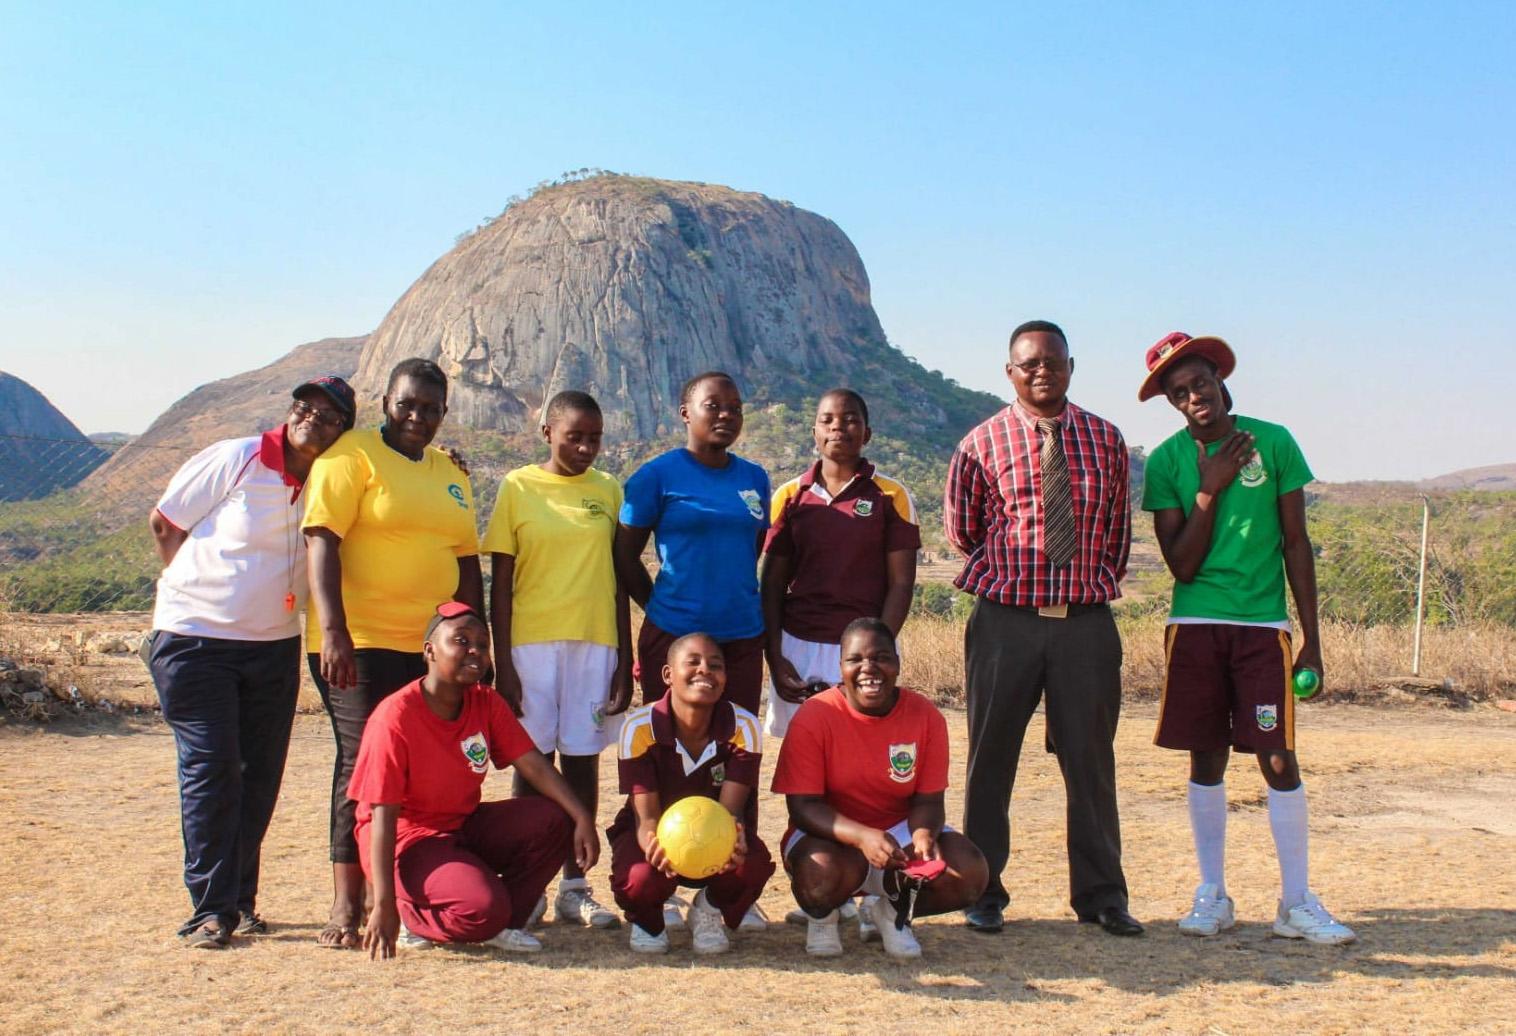 Six students from Murewa United Methodist High School in Zimbabwe have been selected to play in the International Blind Soccer Association's women's match in Japan in 2019. Front row, from left, are students Fadzai Kimberley Nyakudya, Chengetai Chipanga and Monalisa Makoma; back row, from left, are Teresa Mharadzirwa, teacher/guide Constance Tendere Munemo, Tanisha Zonde, goalkeeper Gellie Mawarire, Tarumbidzwa Taruvinga, sports director Pilani Nyanhanda and Titus Tsiga. Photo by Chenayi Kumuterera, UMNS.